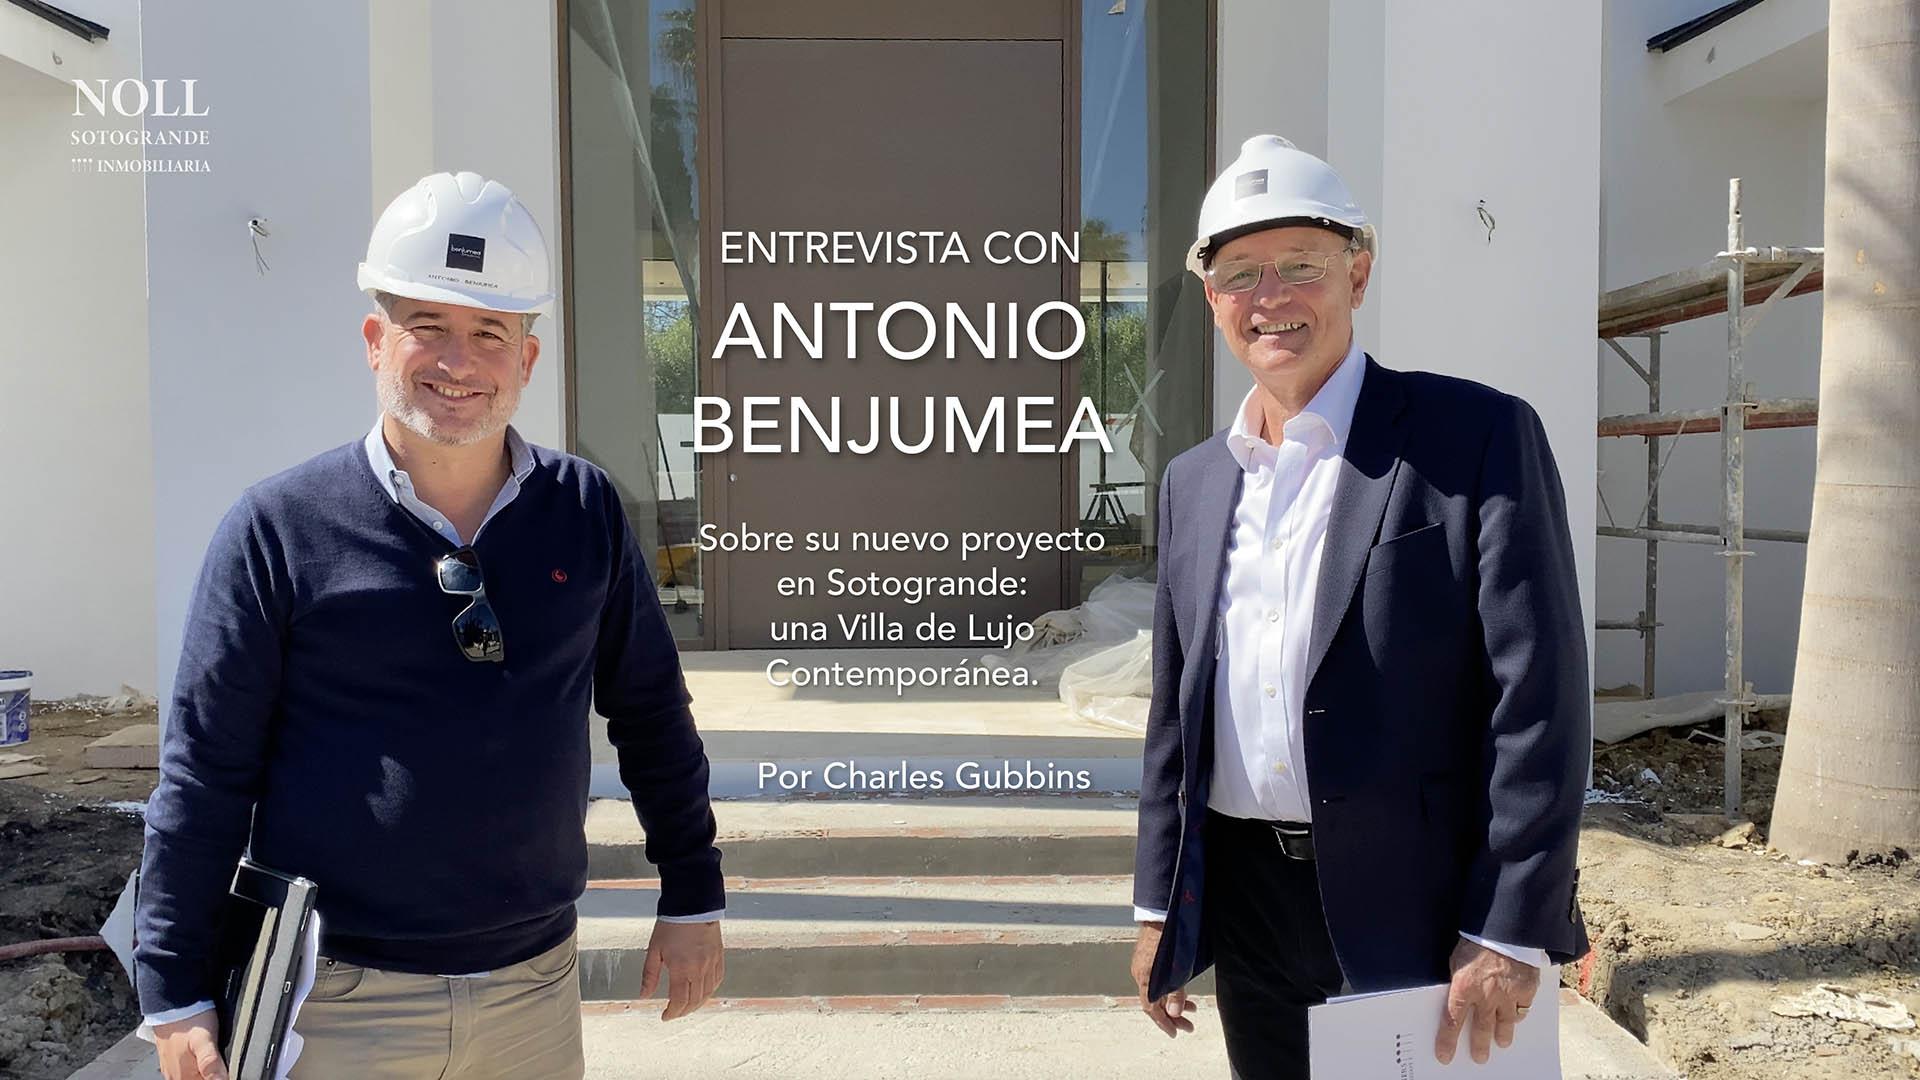 Charles Gubbins entrevista a Antonio Benjumea sobre su nuevo proyecto: Villa de Lujo en Sotogrande